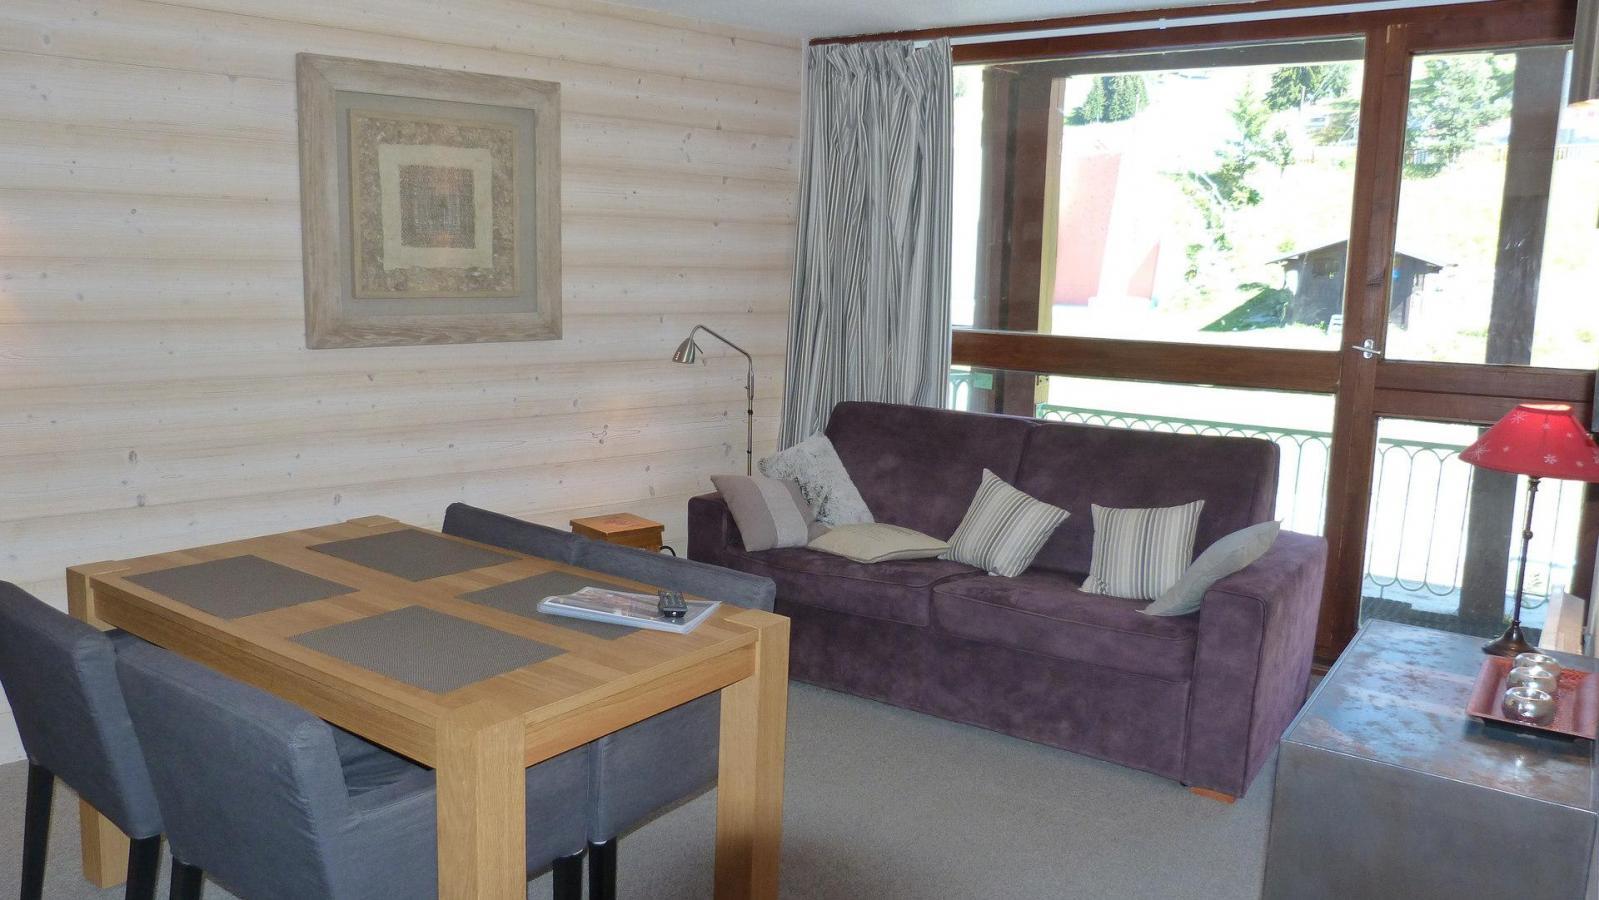 Location au ski Appartement 2 pièces 4 personnes (210) - Residence Les Tournavelles - Les Arcs - Séjour